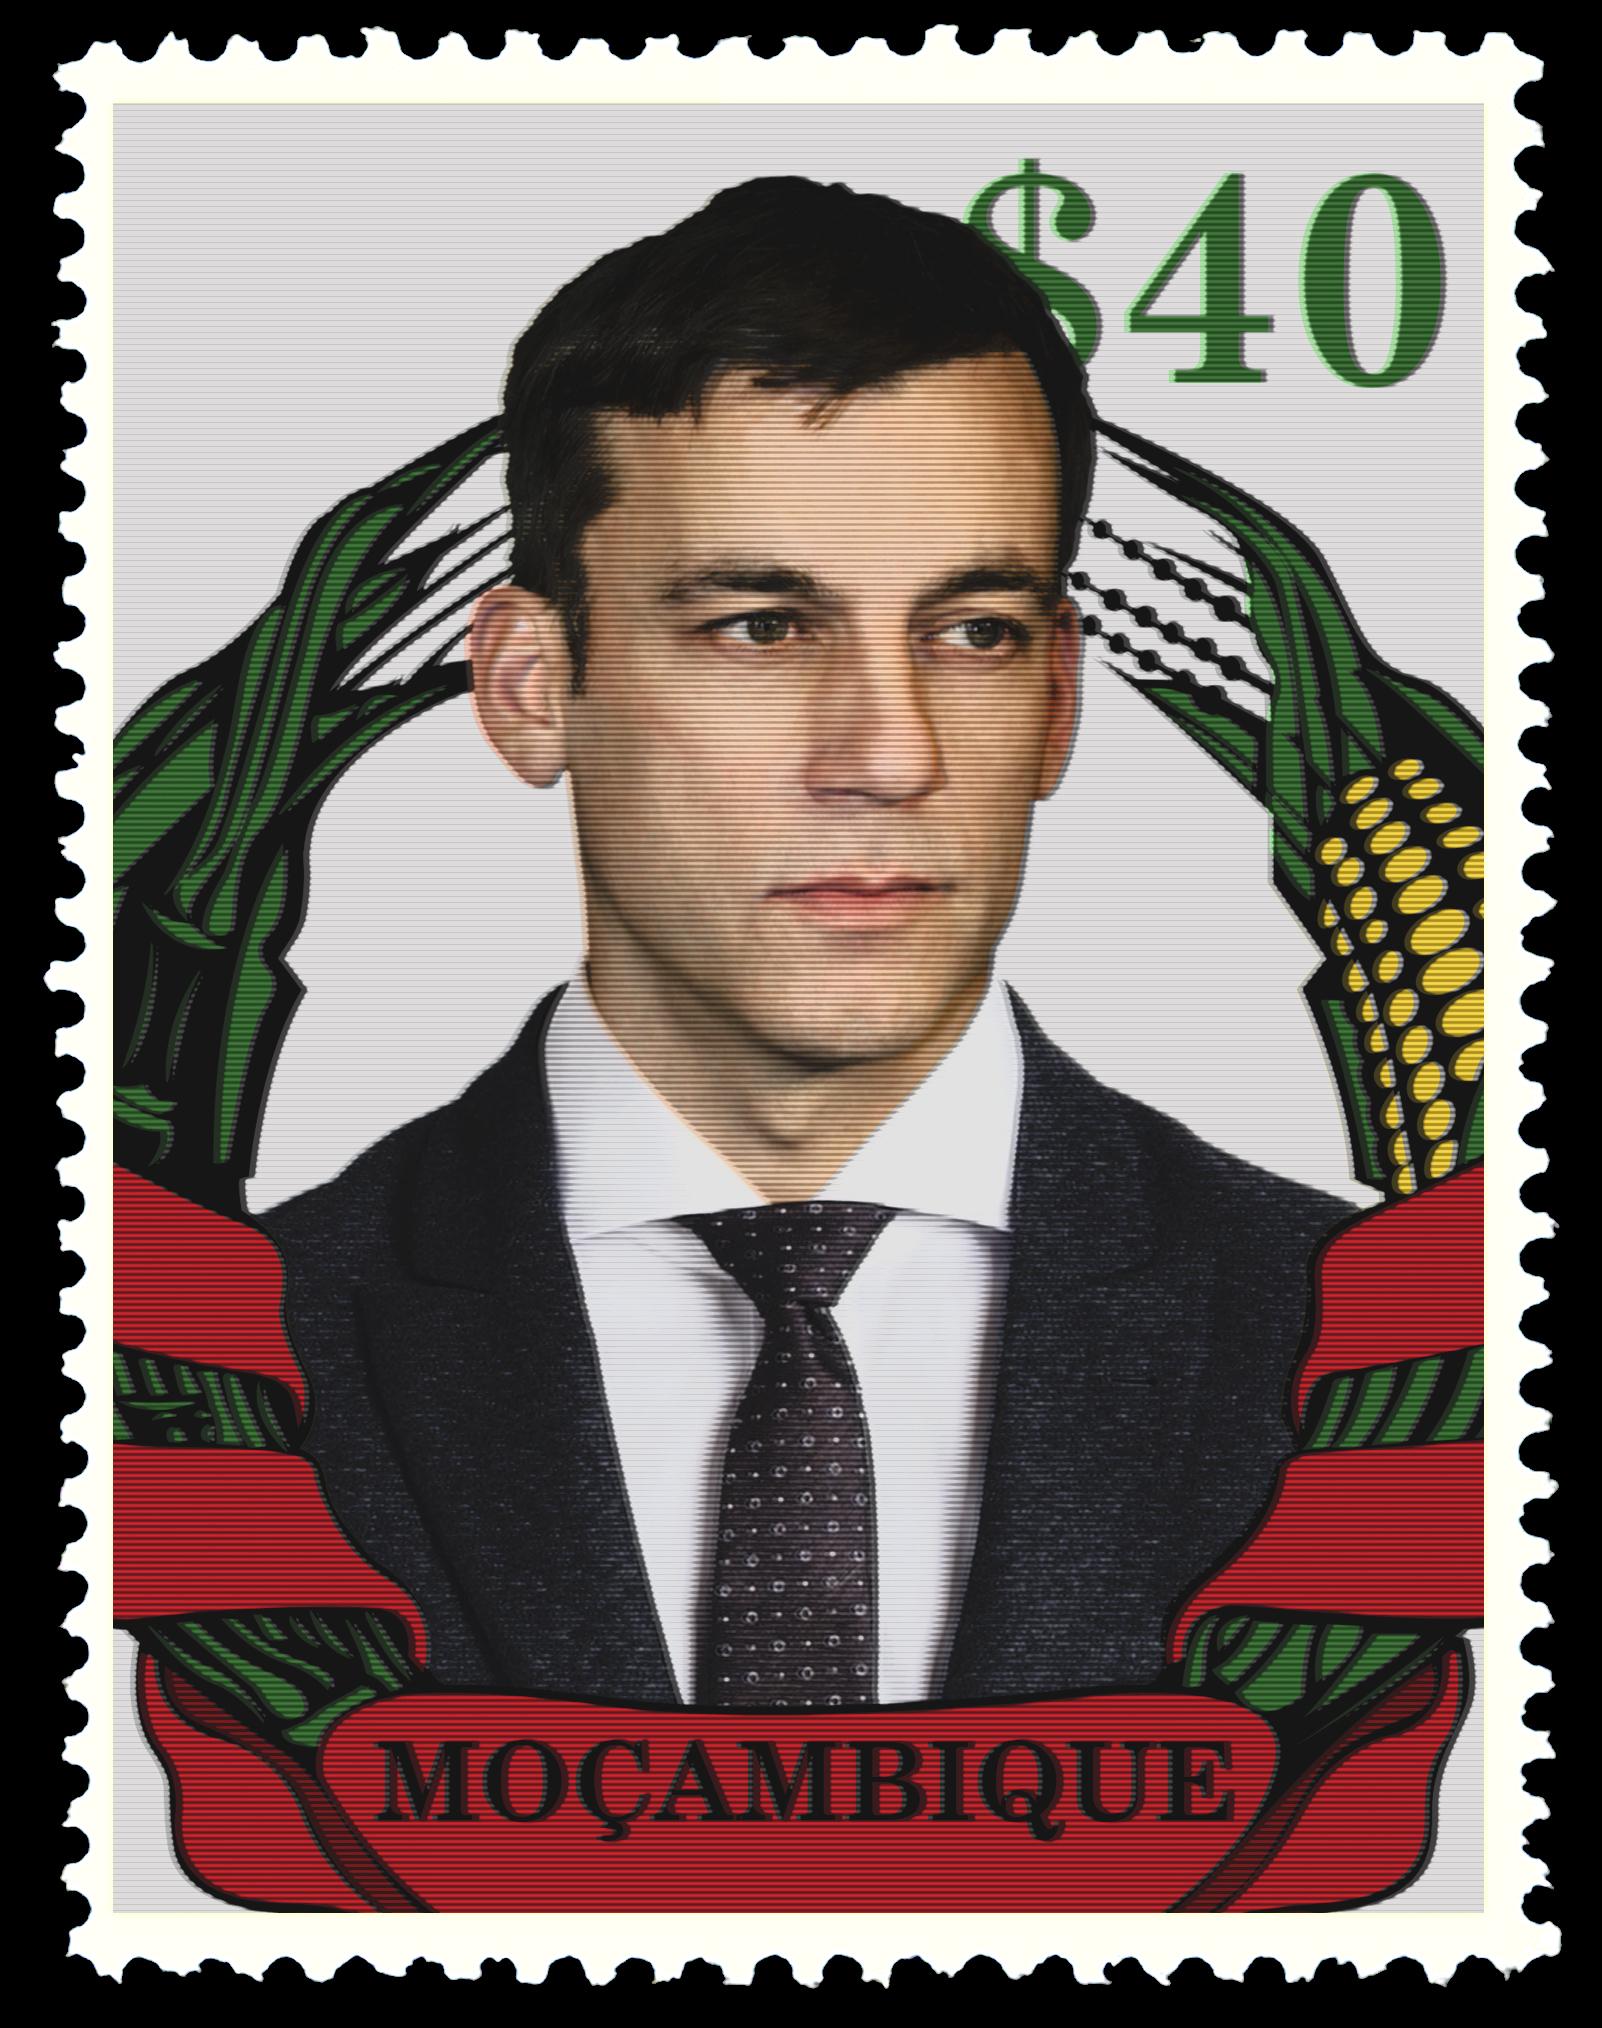 PÚBLICO - Jorge Andrade, actor português, cria moeda própria em Moçambique